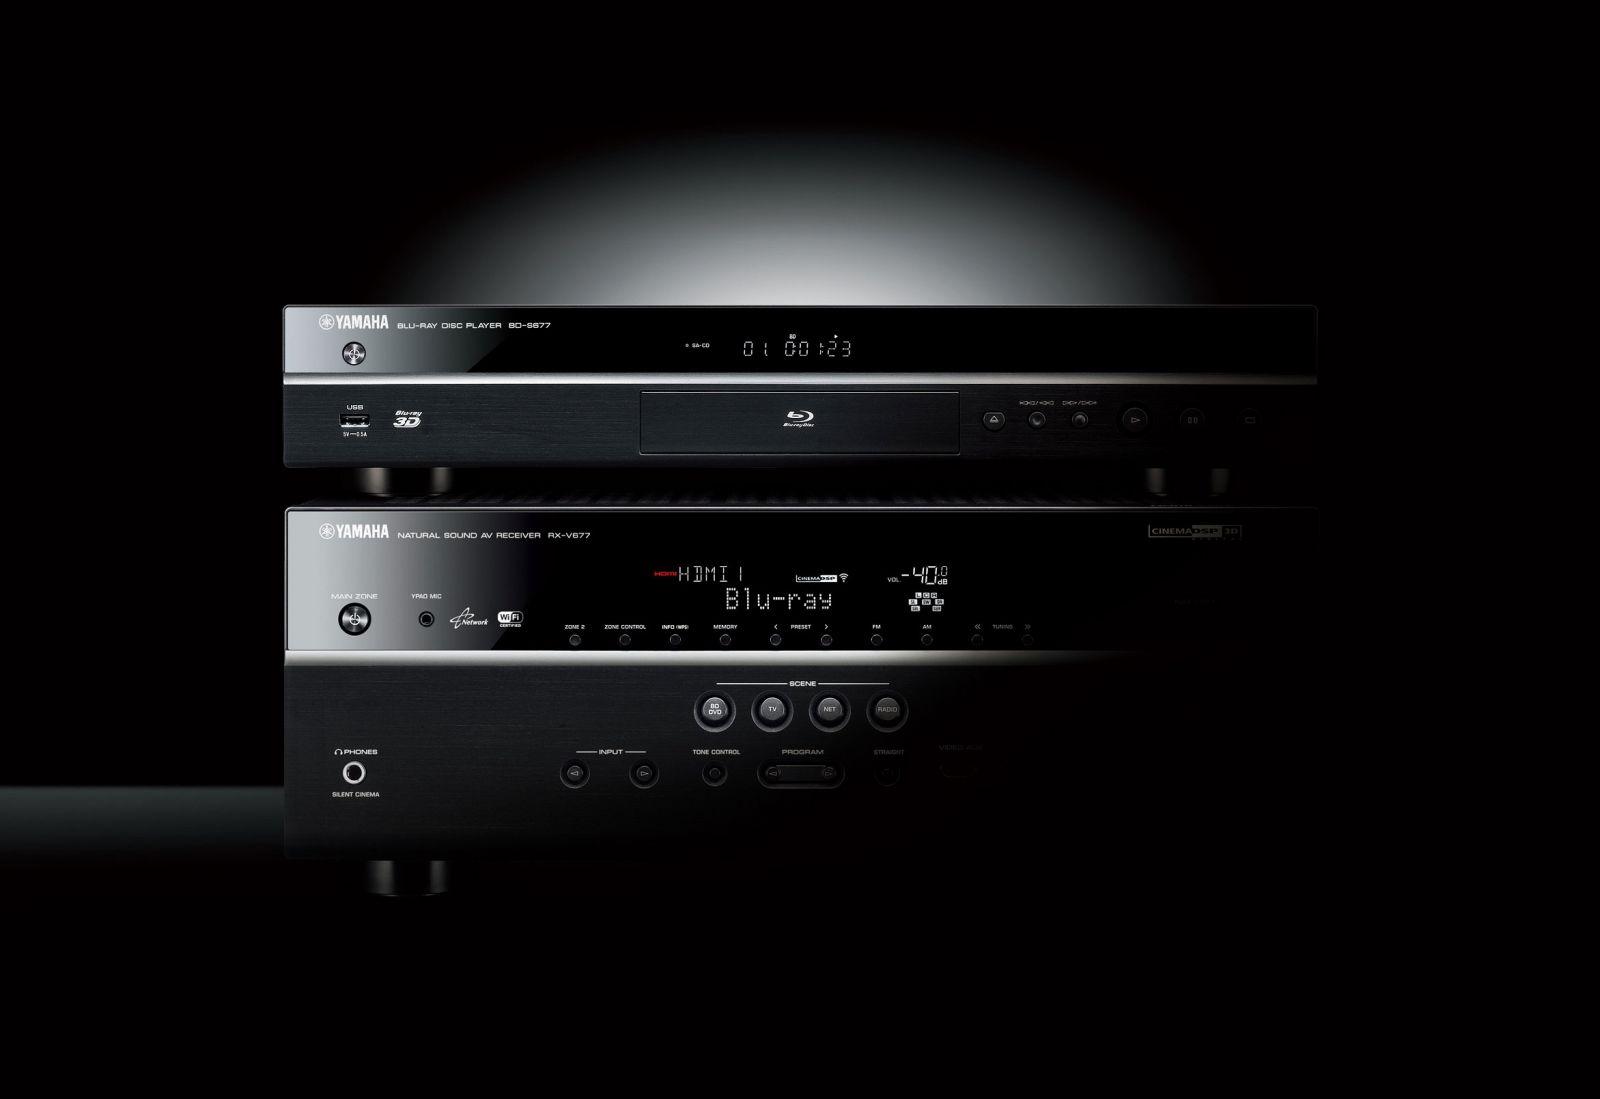 Odtwarzacz Blu-ray 3D BD-S677